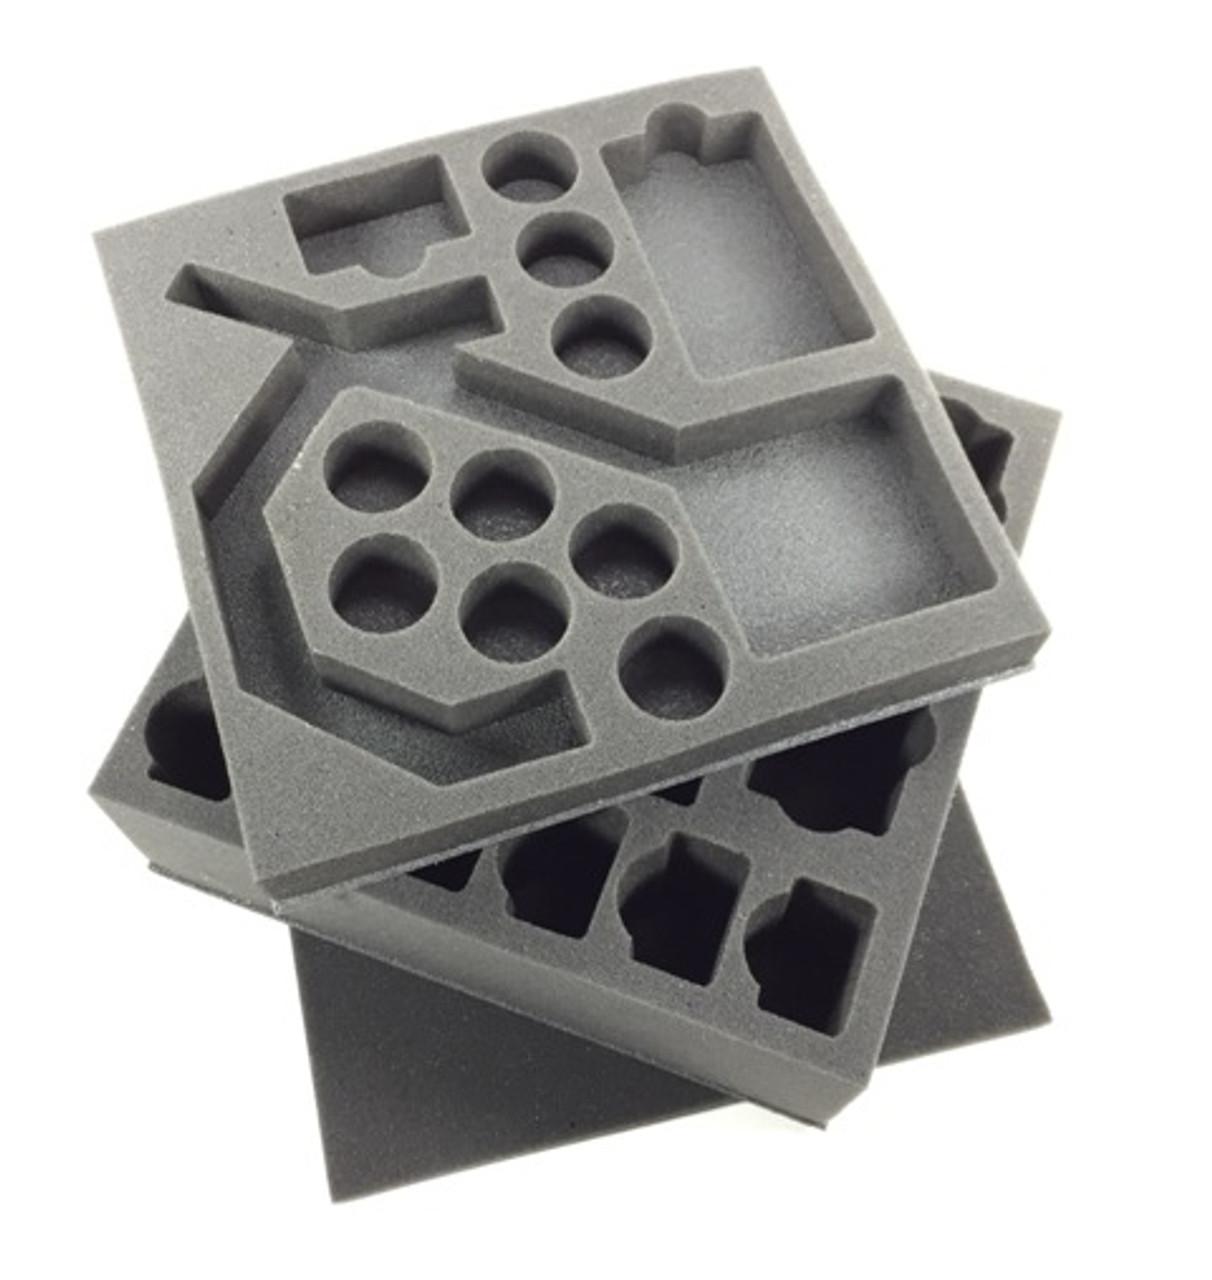 Star Wars Armada Foam Tray Kit Battle Foam 2,088 likes · 20 talking about this. star wars armada foam tray kit